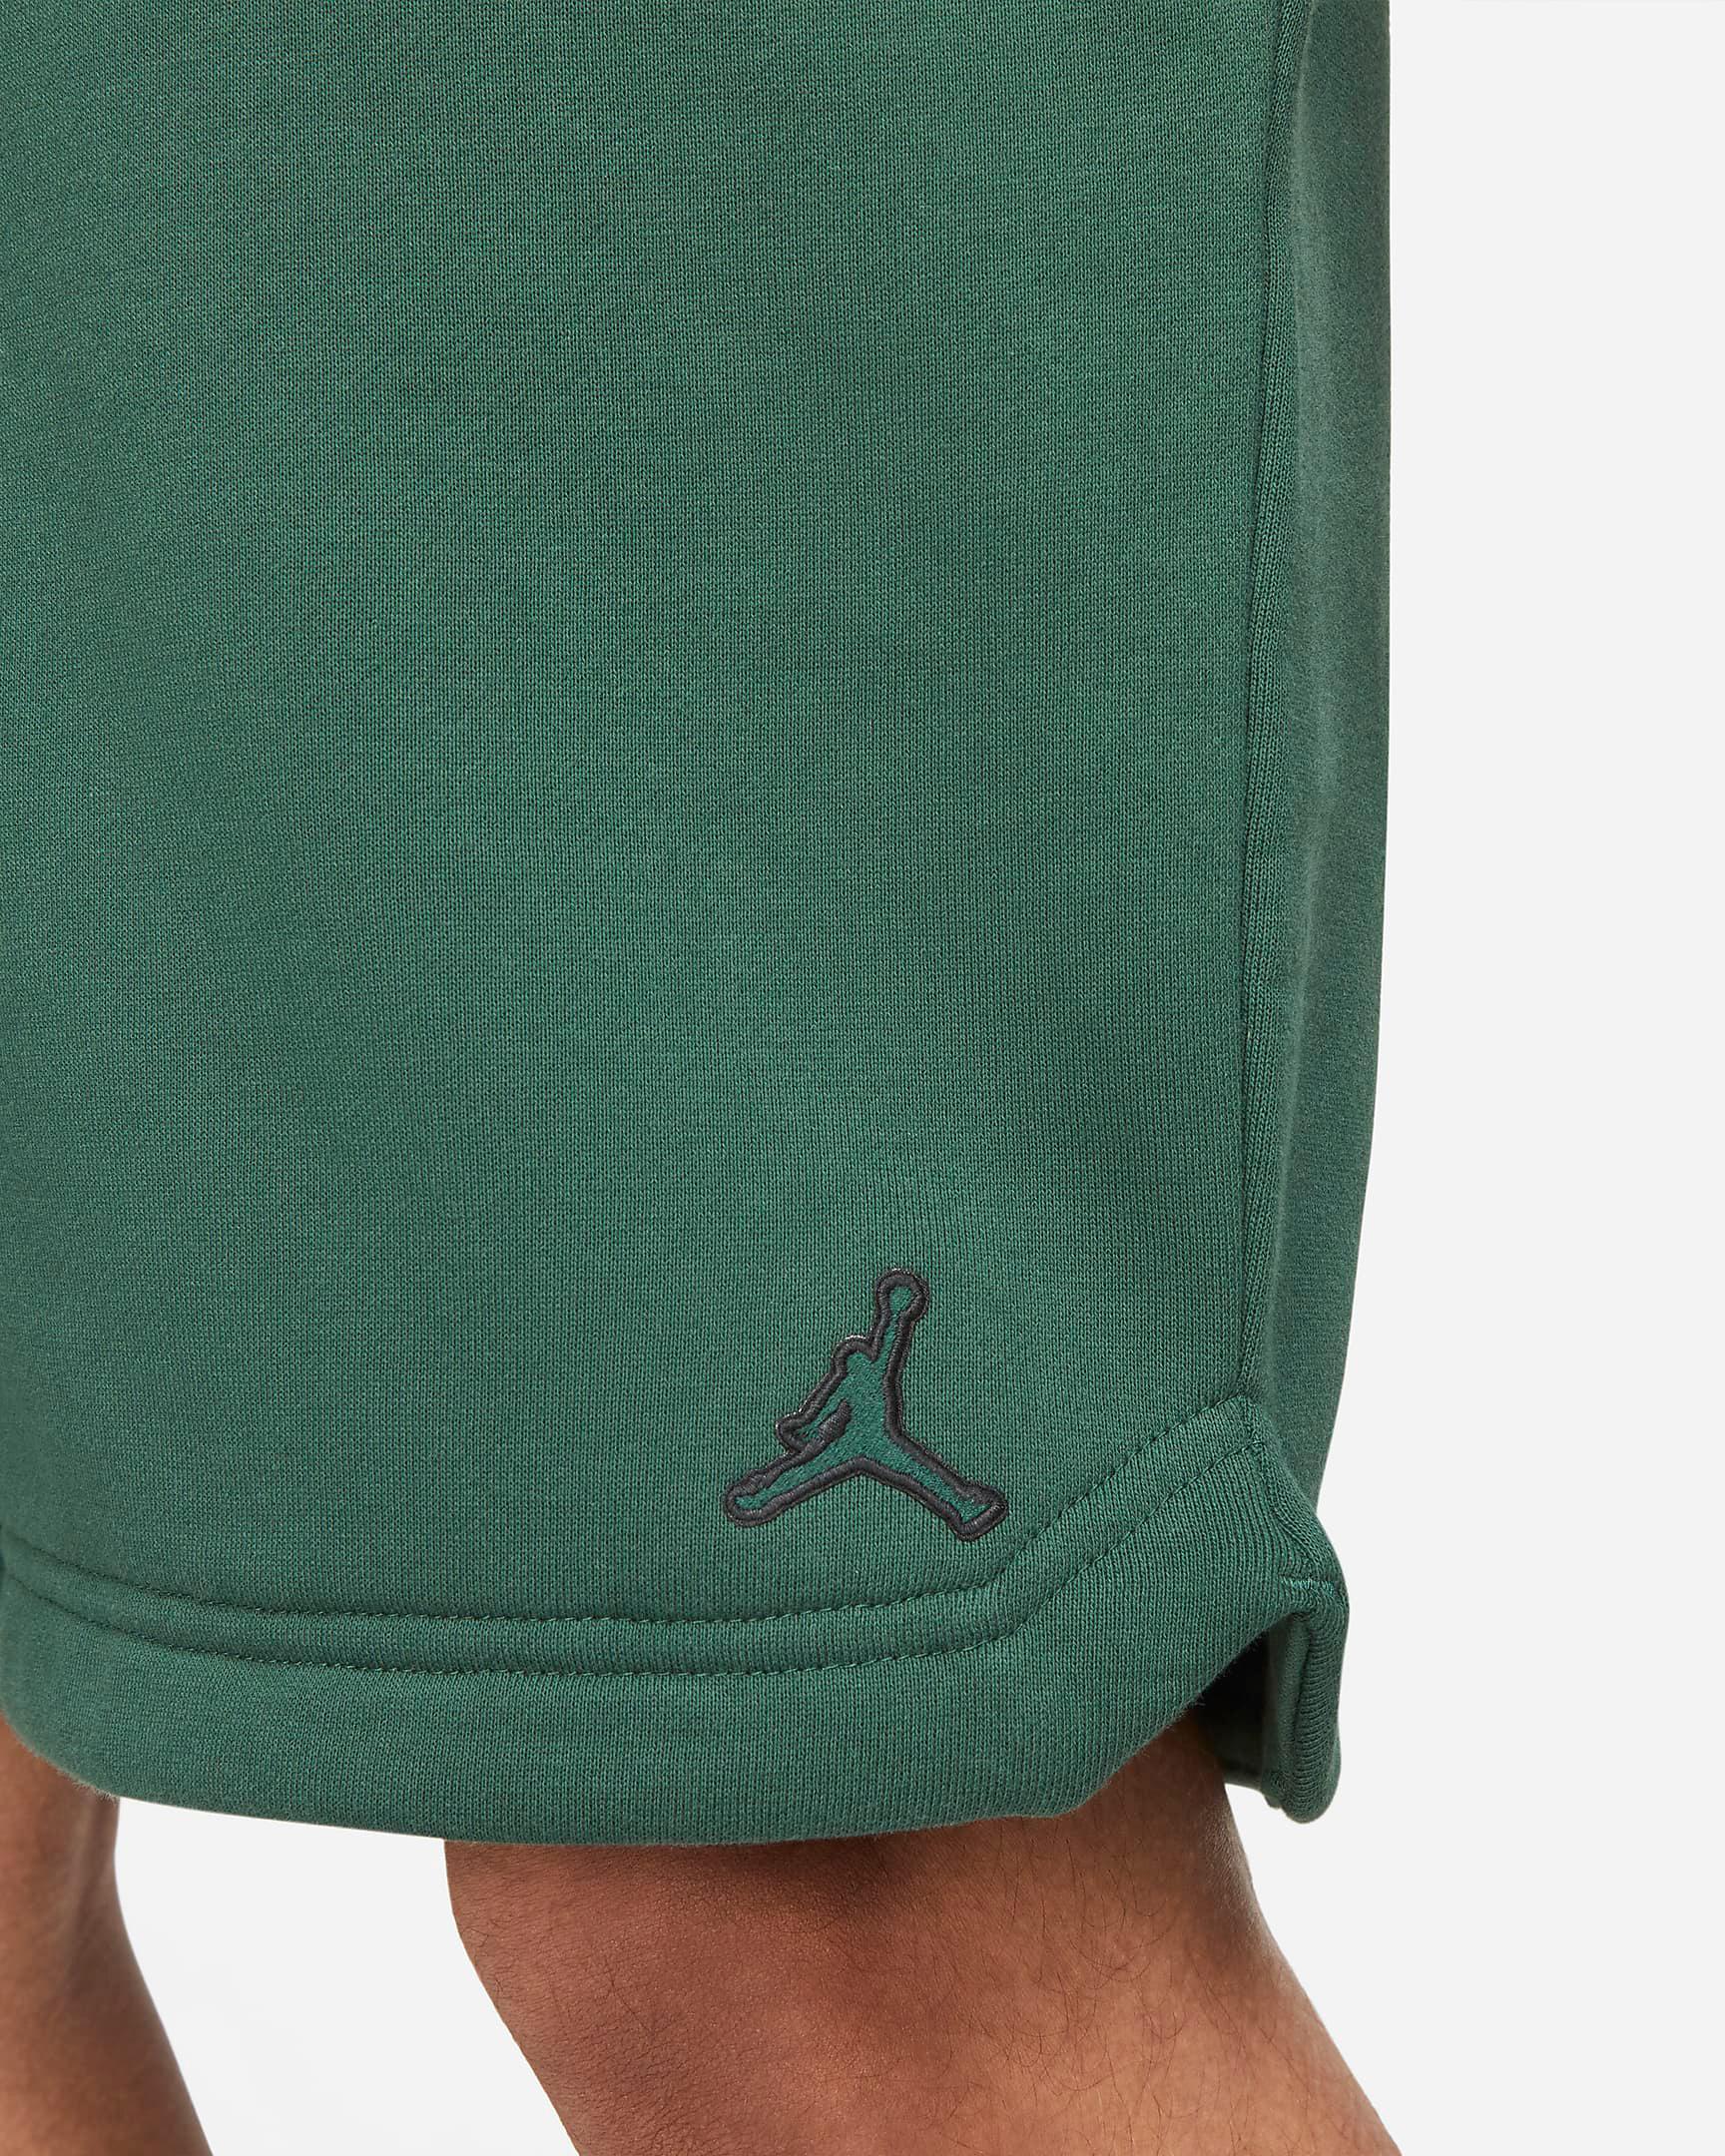 jordan-noble-green-essentials-fleece-shorts-4